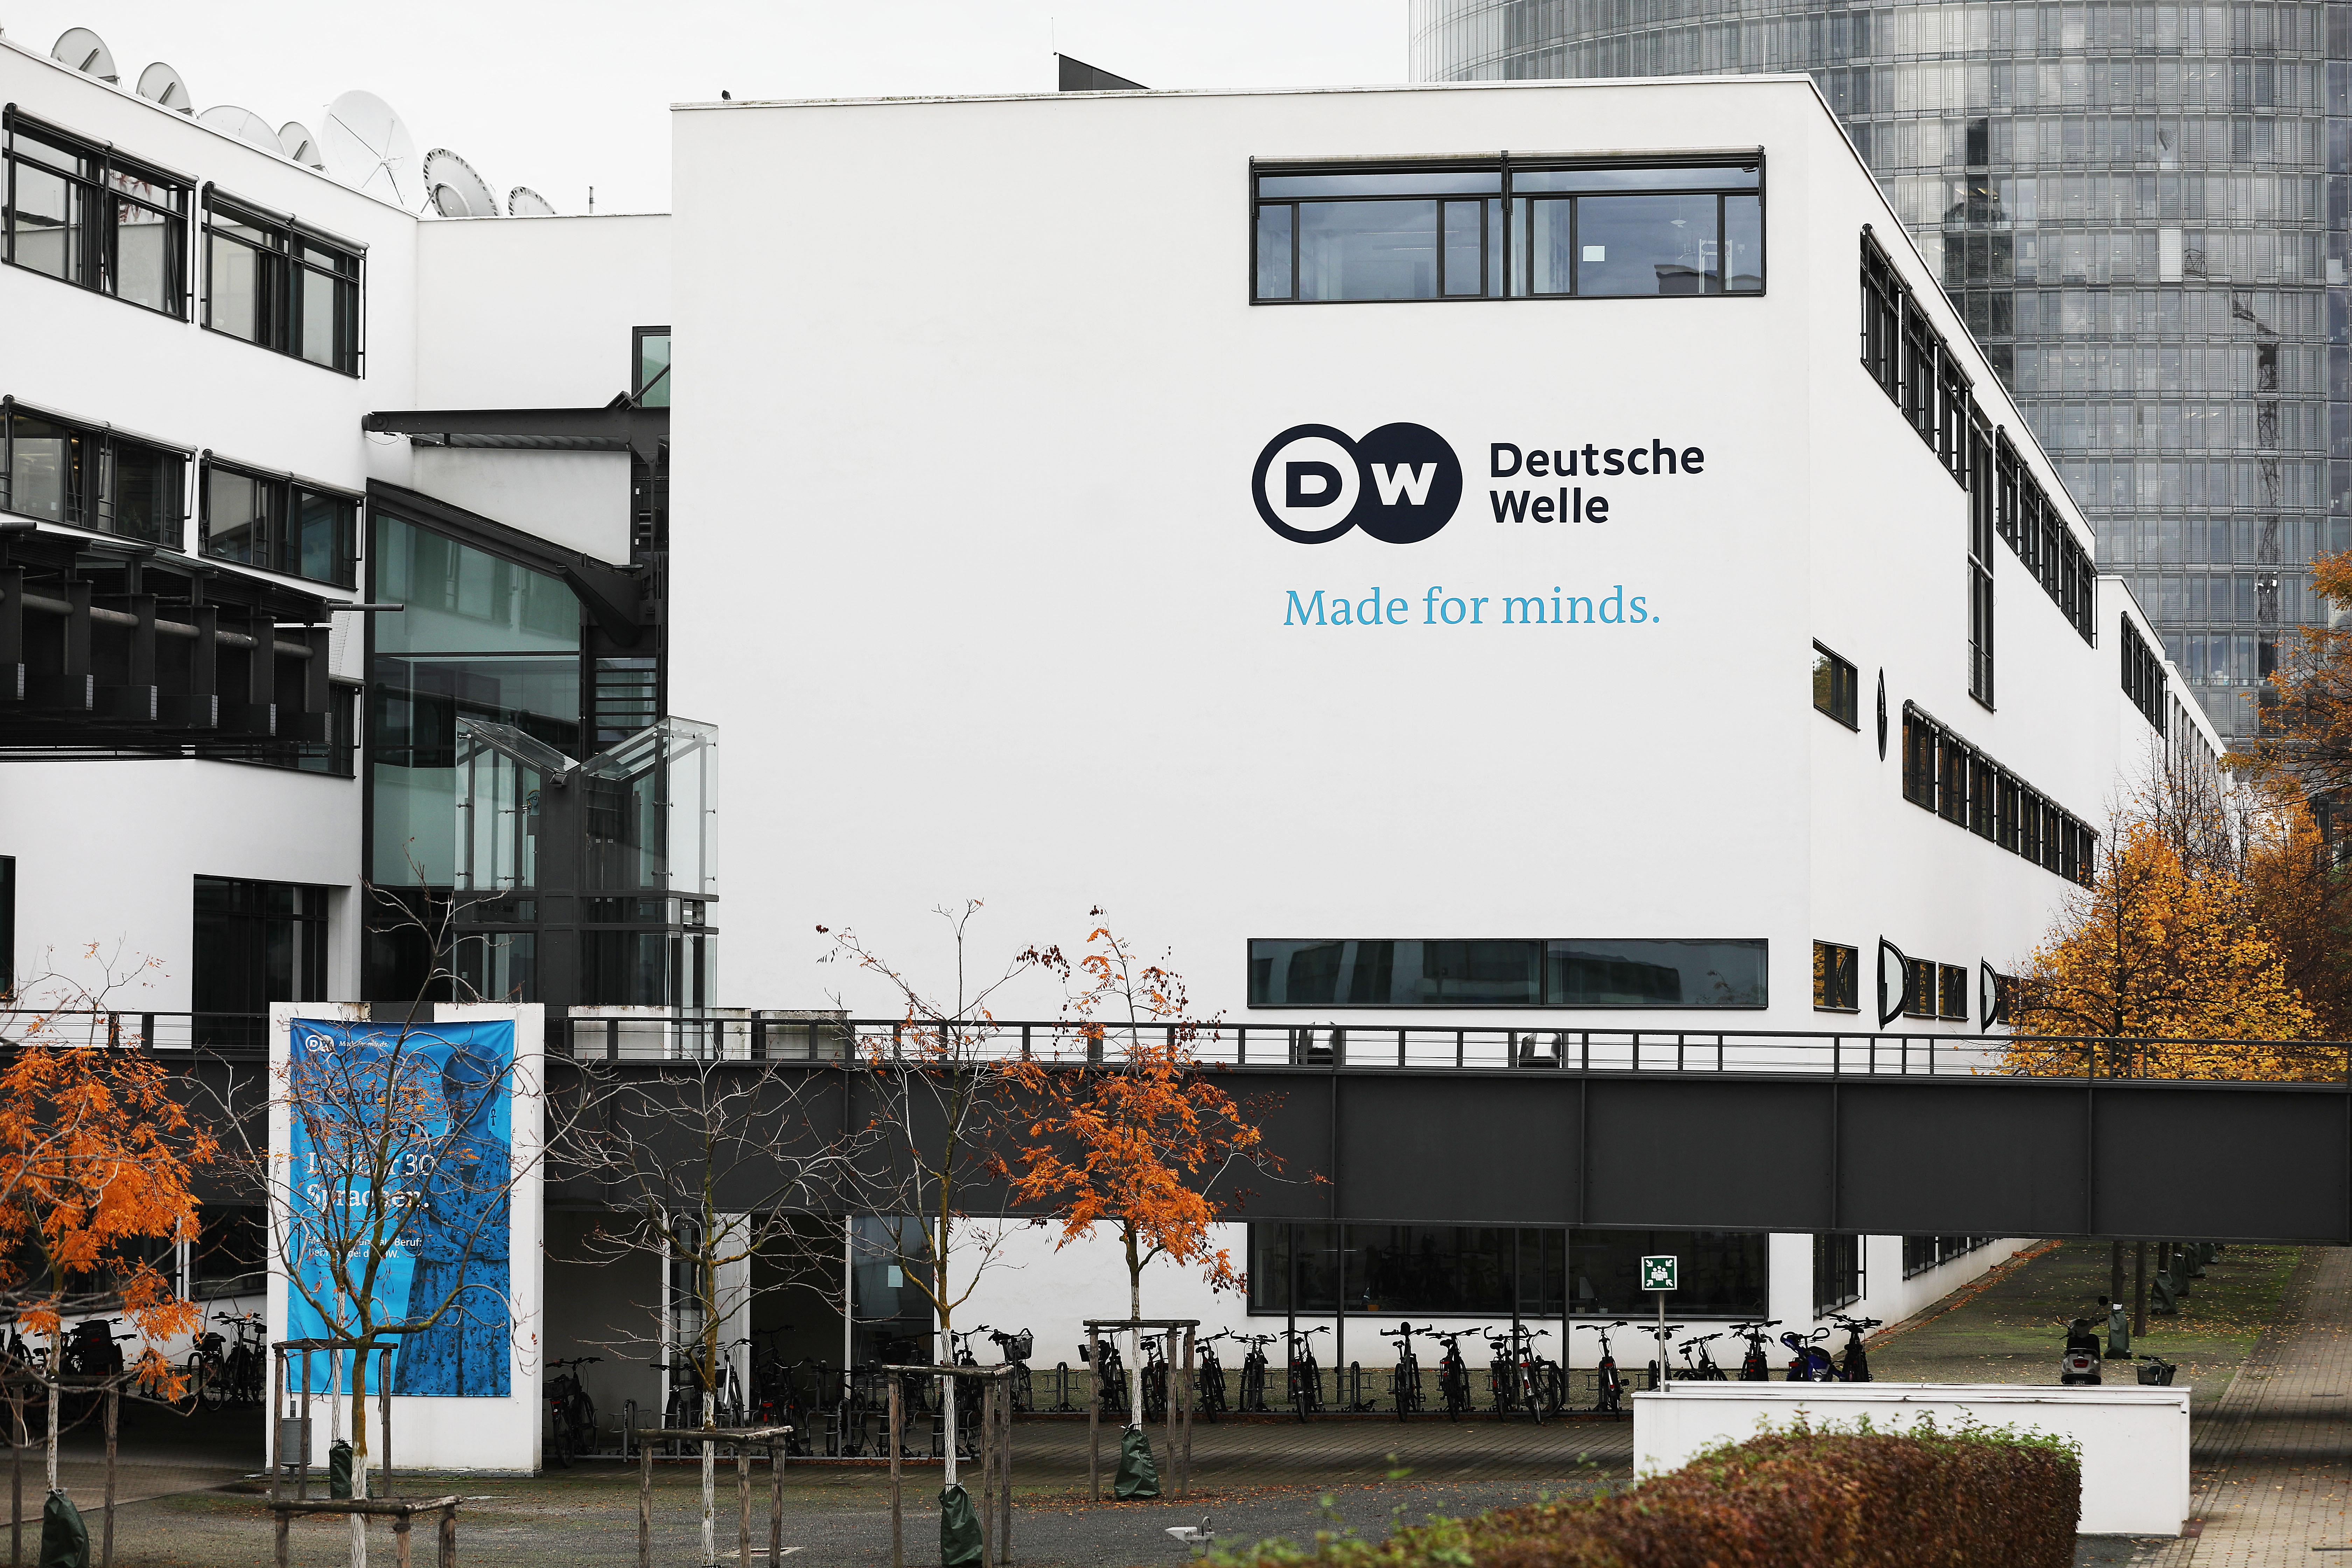 Magyar nyelvű tartalmakat készít a német közszolgálati adó, a Deutsche Welle